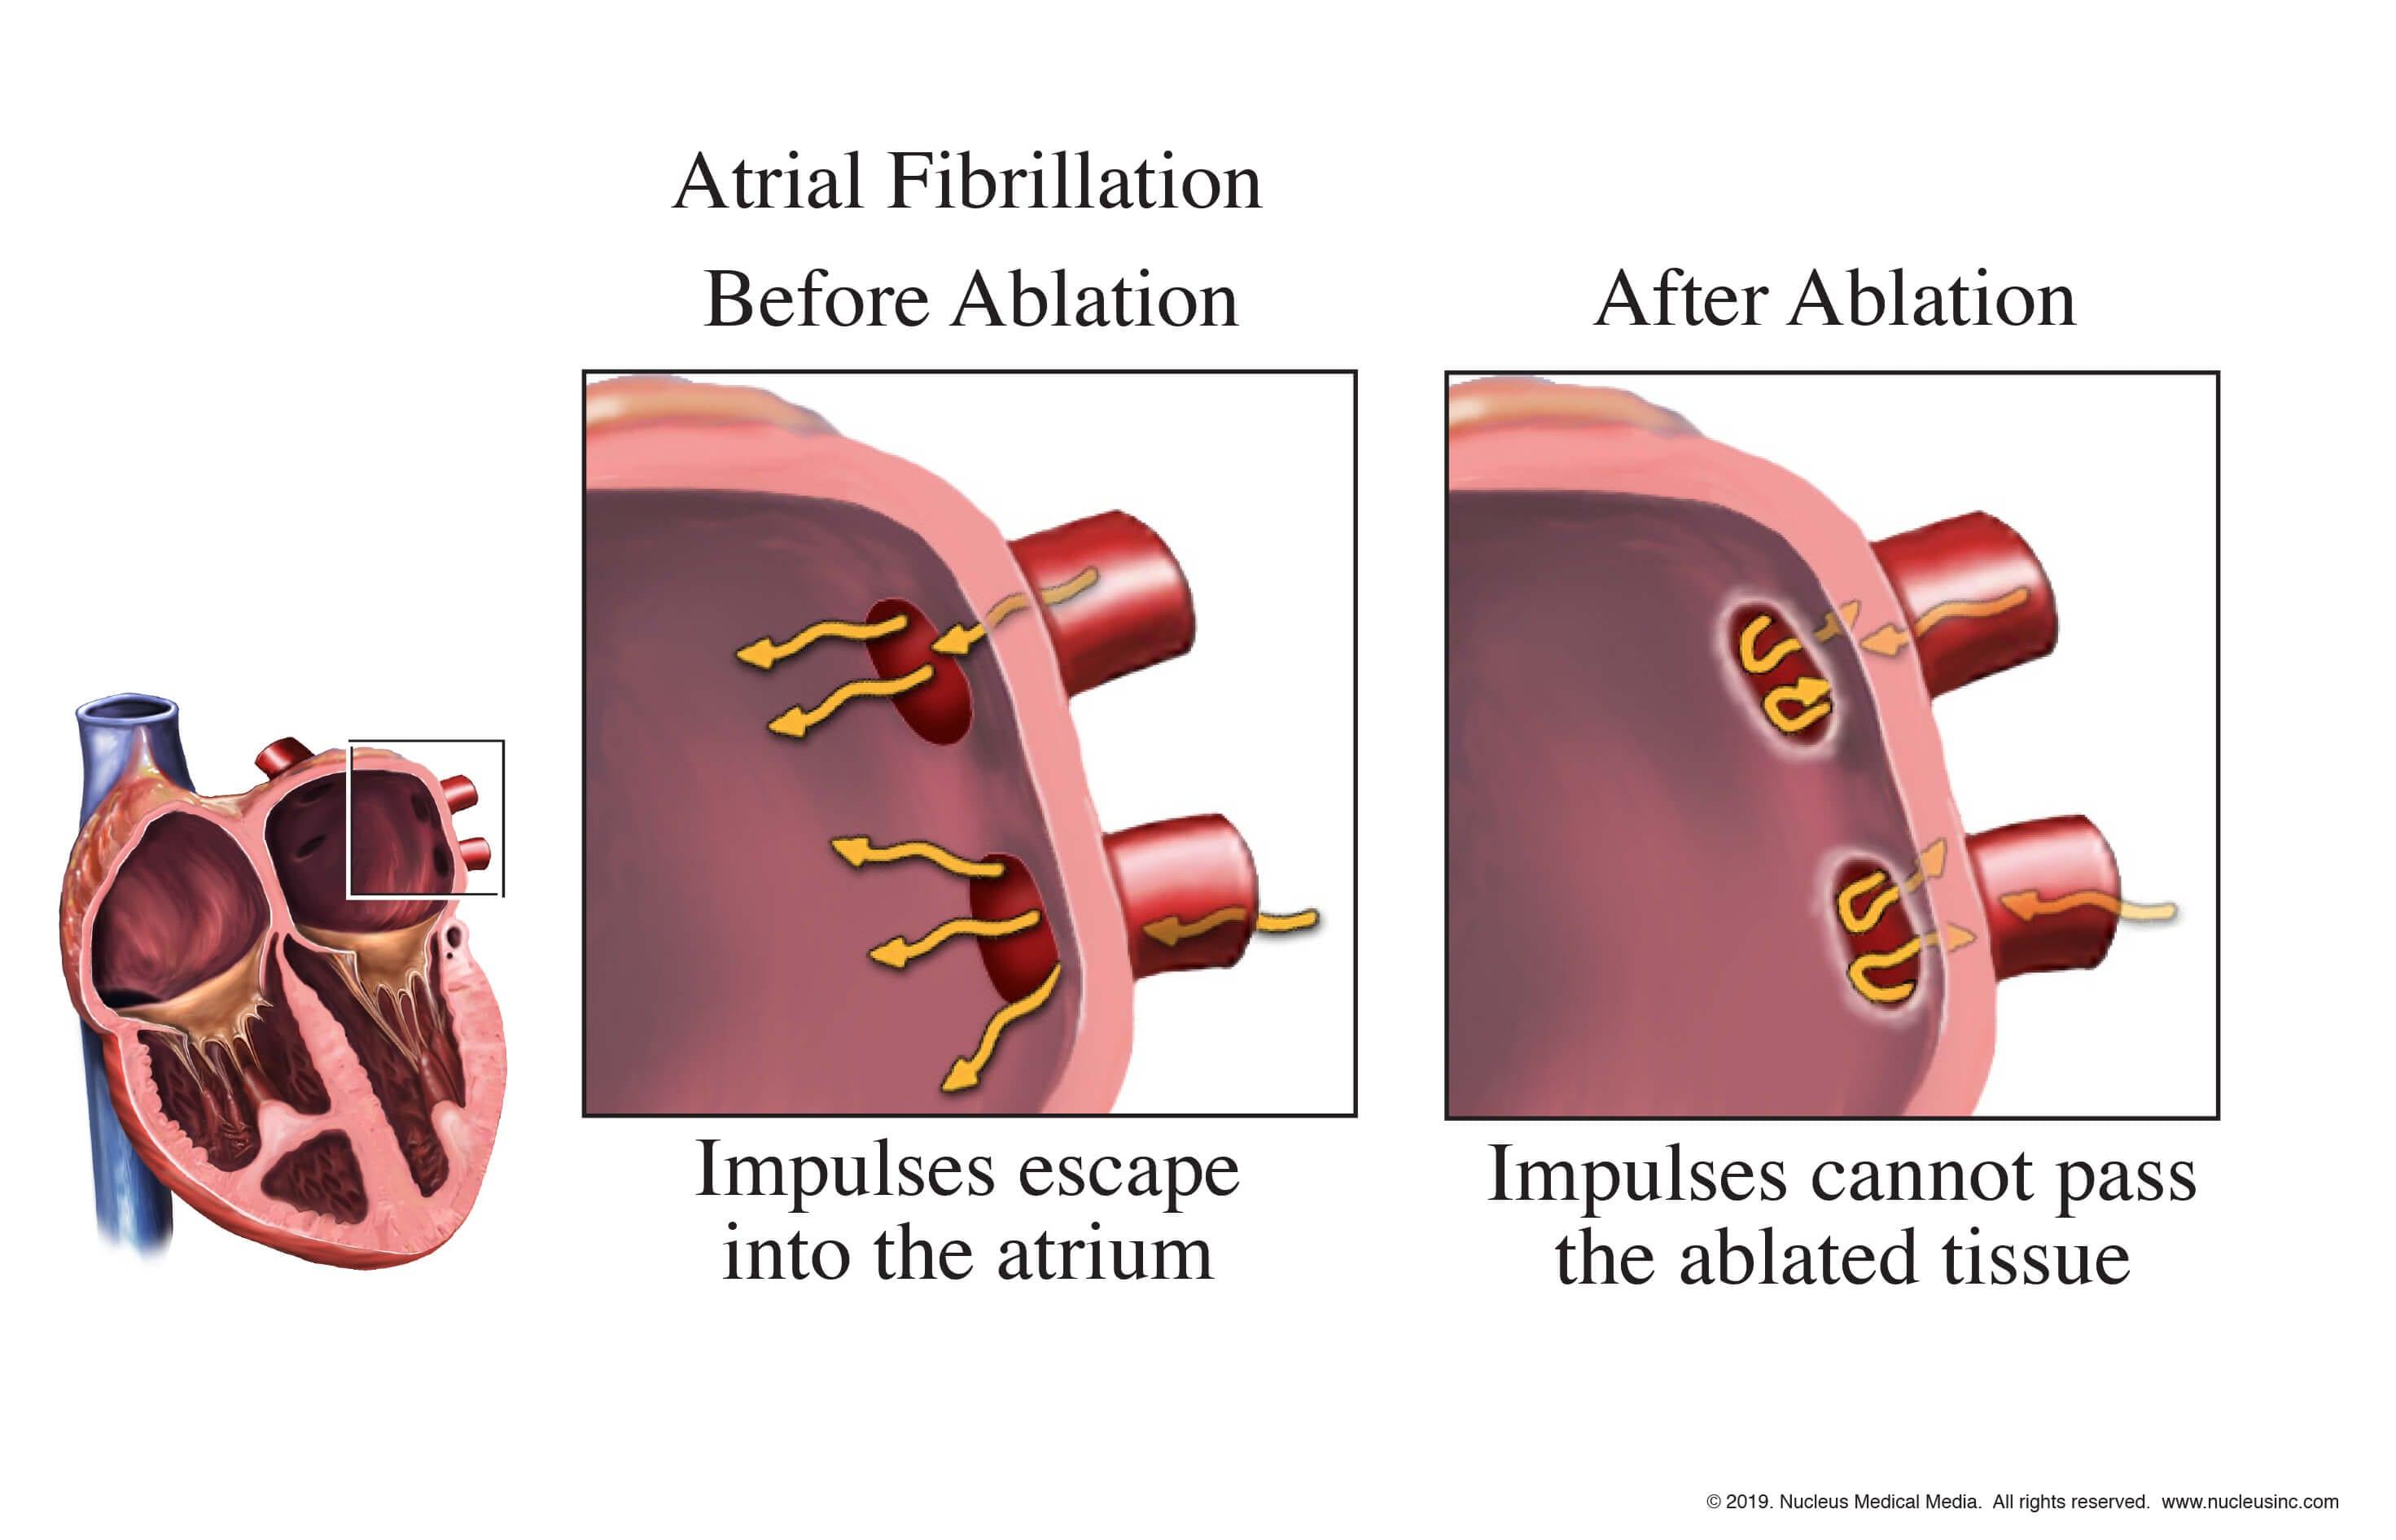 Радиочастотная абляция сердца: что это такое, показания, как делают, противопоказания, последствия